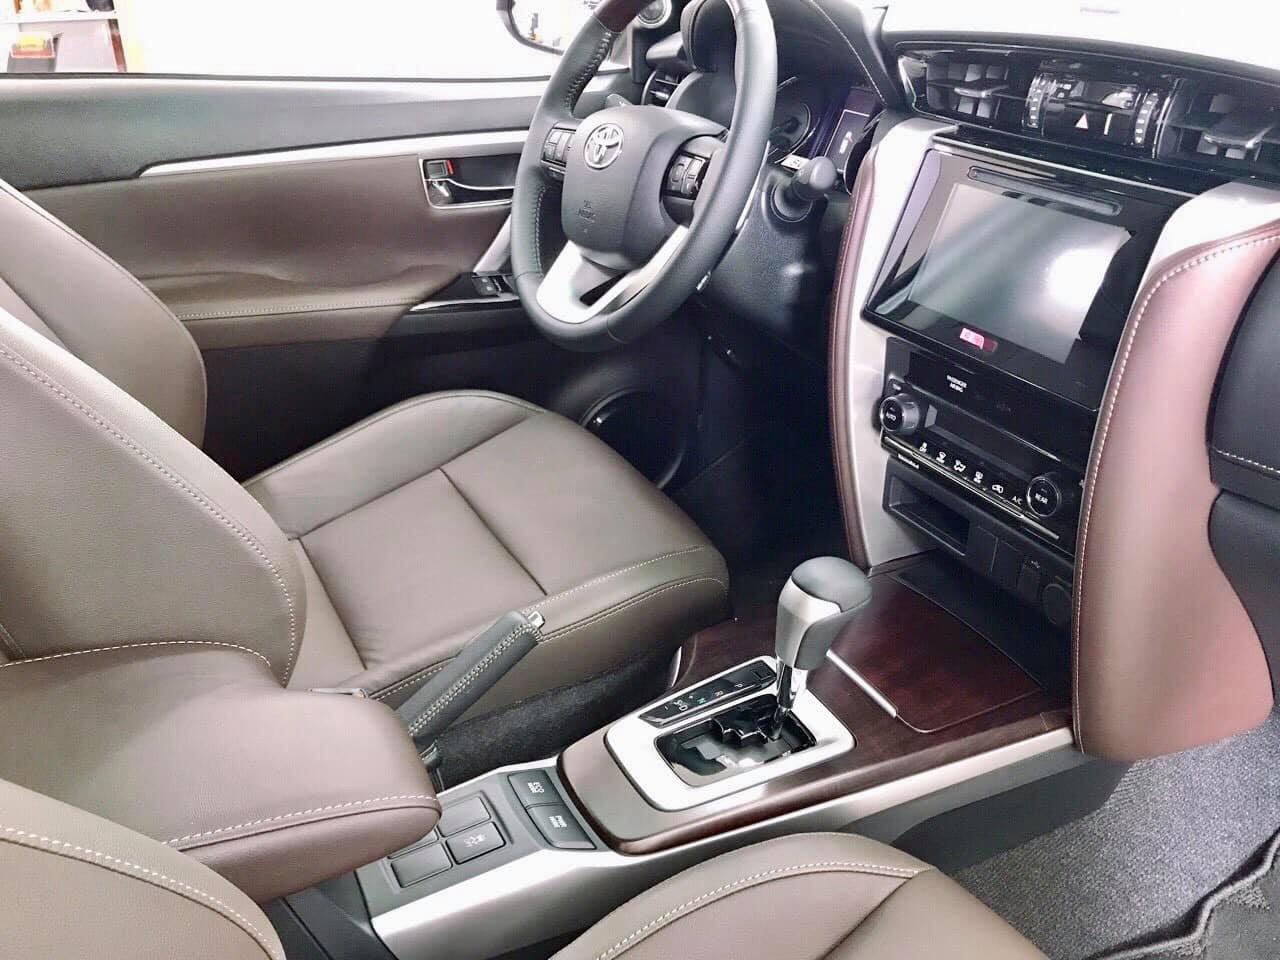 Xe Toyota Fortuner TRD 2019 tai muaxegiabeo 4 - Fortuner TRD [hienthinam]: giá xe và khuyến mãi mới